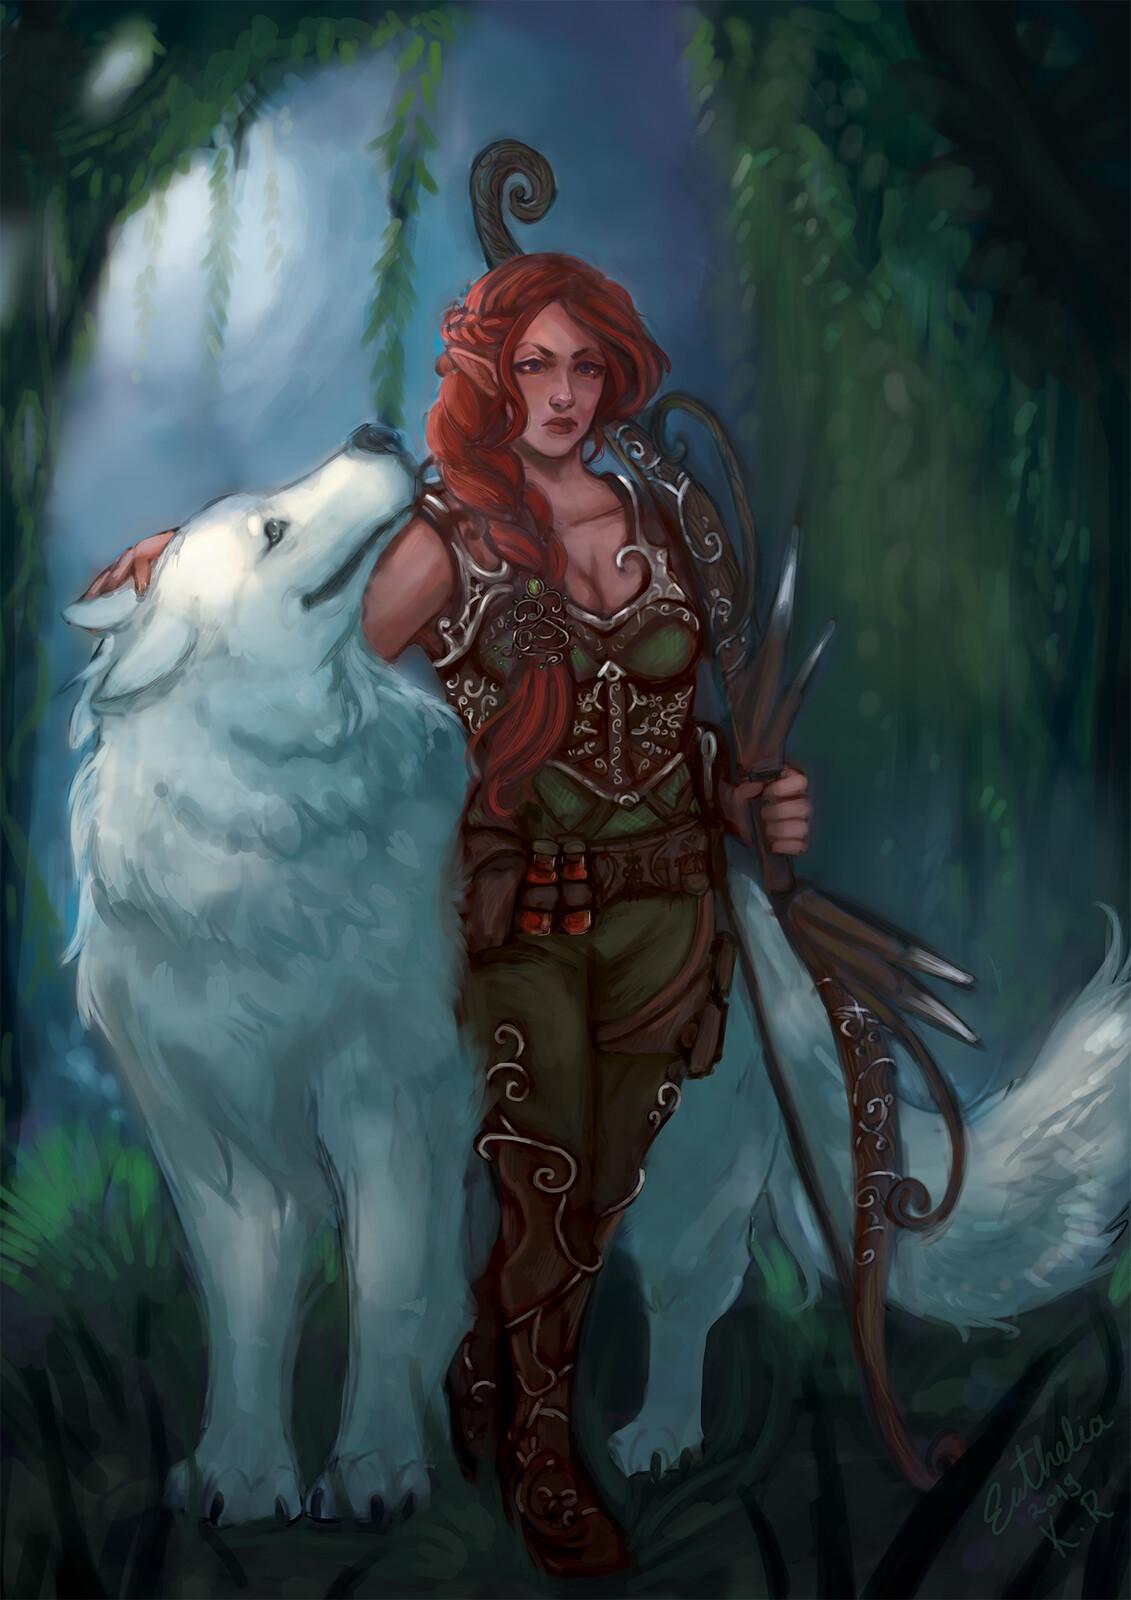 ArtStation - Half elf ranger with wolf, Katarina Rašić